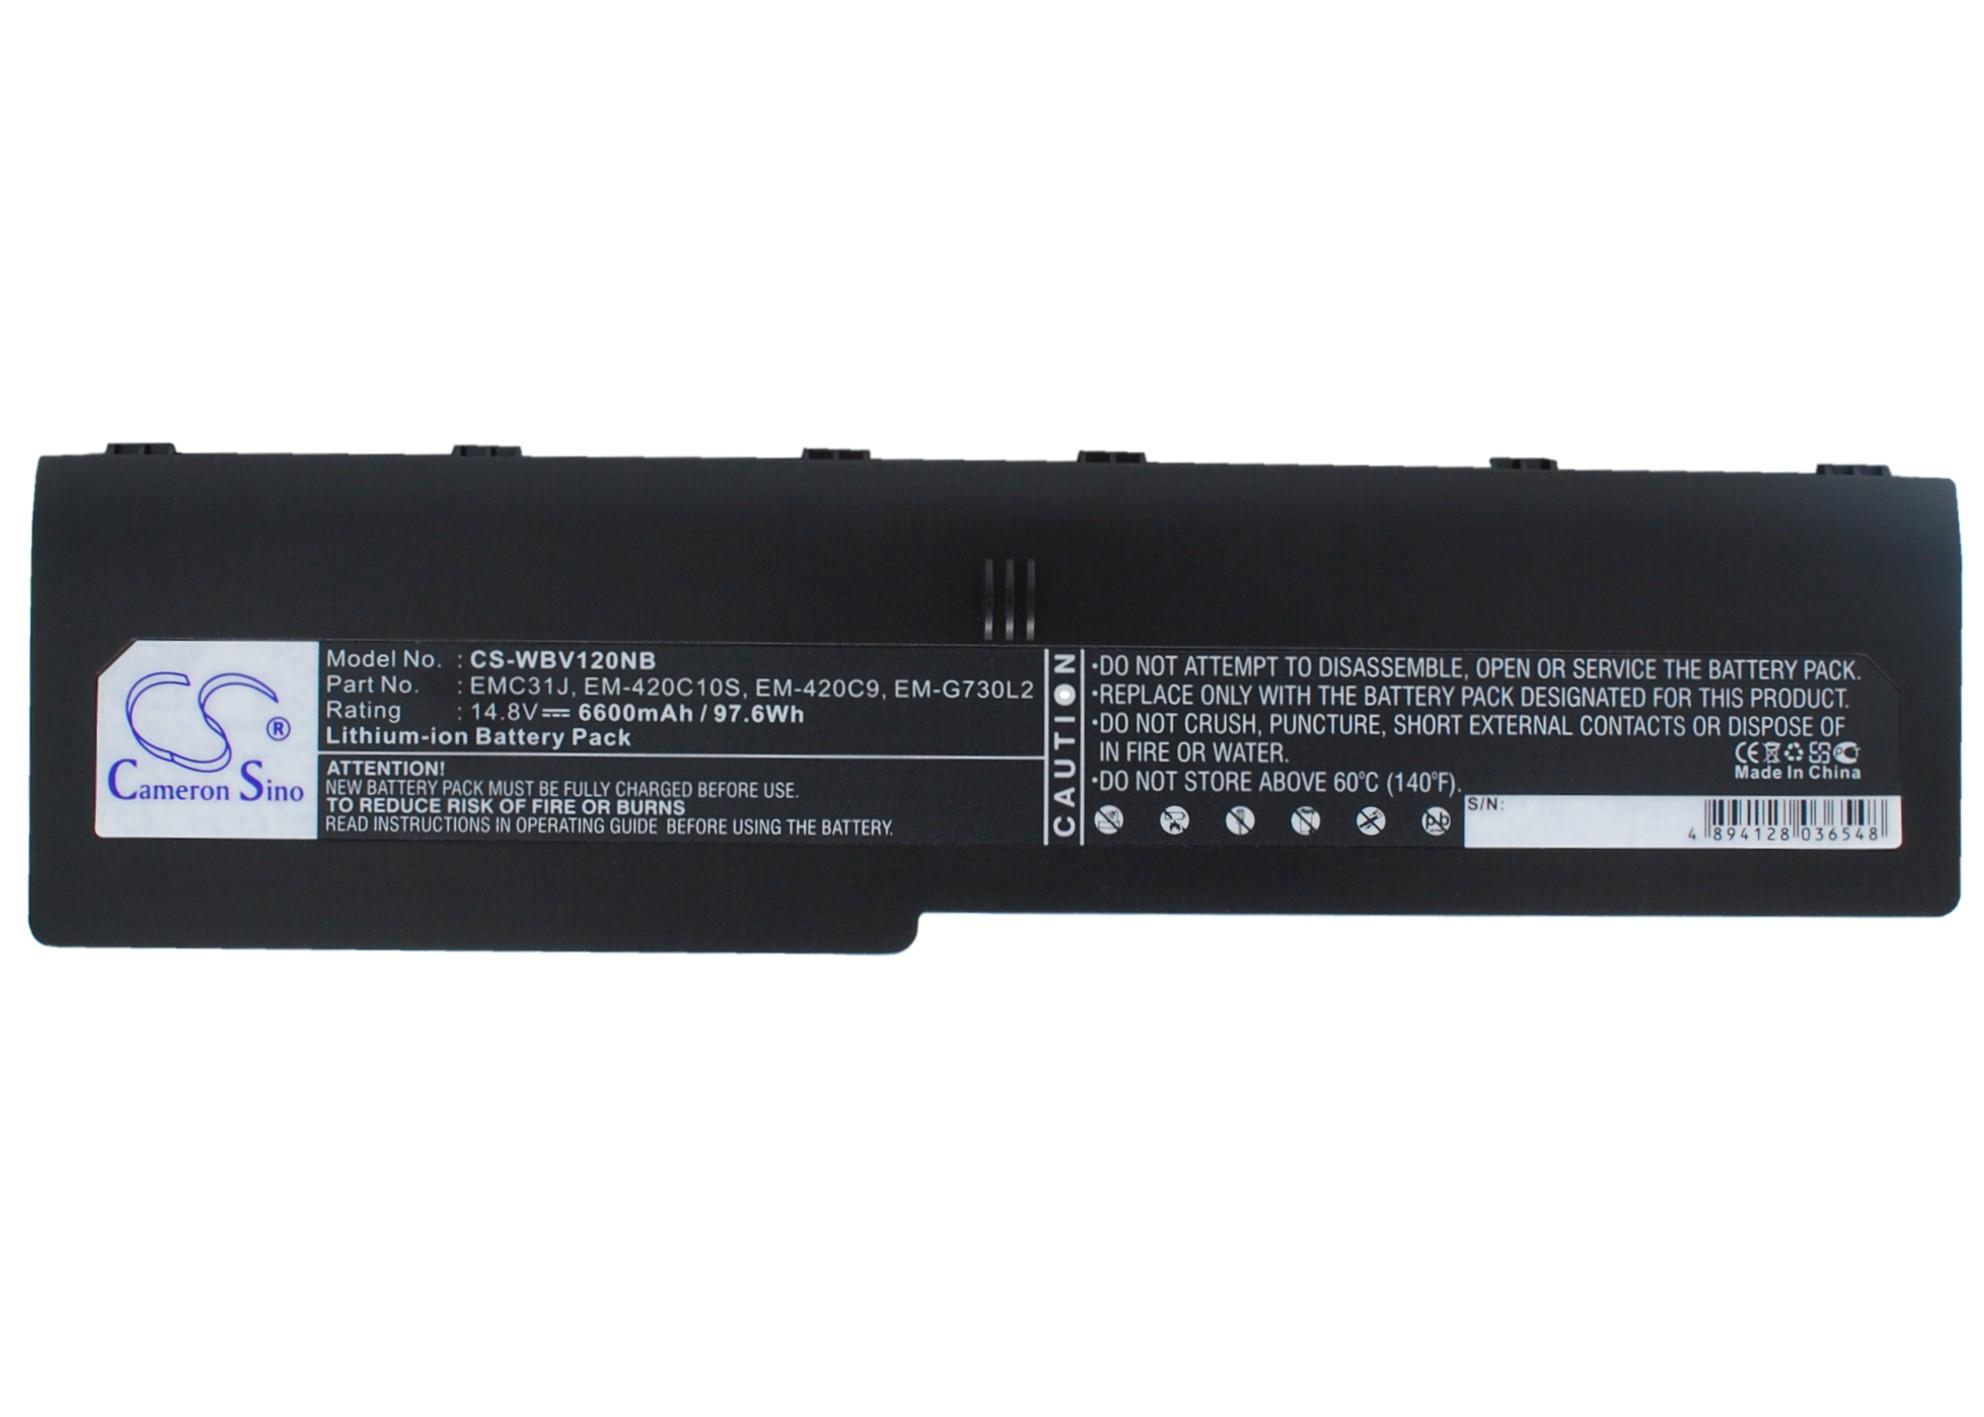 Cameron Sino baterie do notebooků pro YAKUMO Q7M DVD XD G733 14.8V Li-ion 6600mAh černá - neoriginální